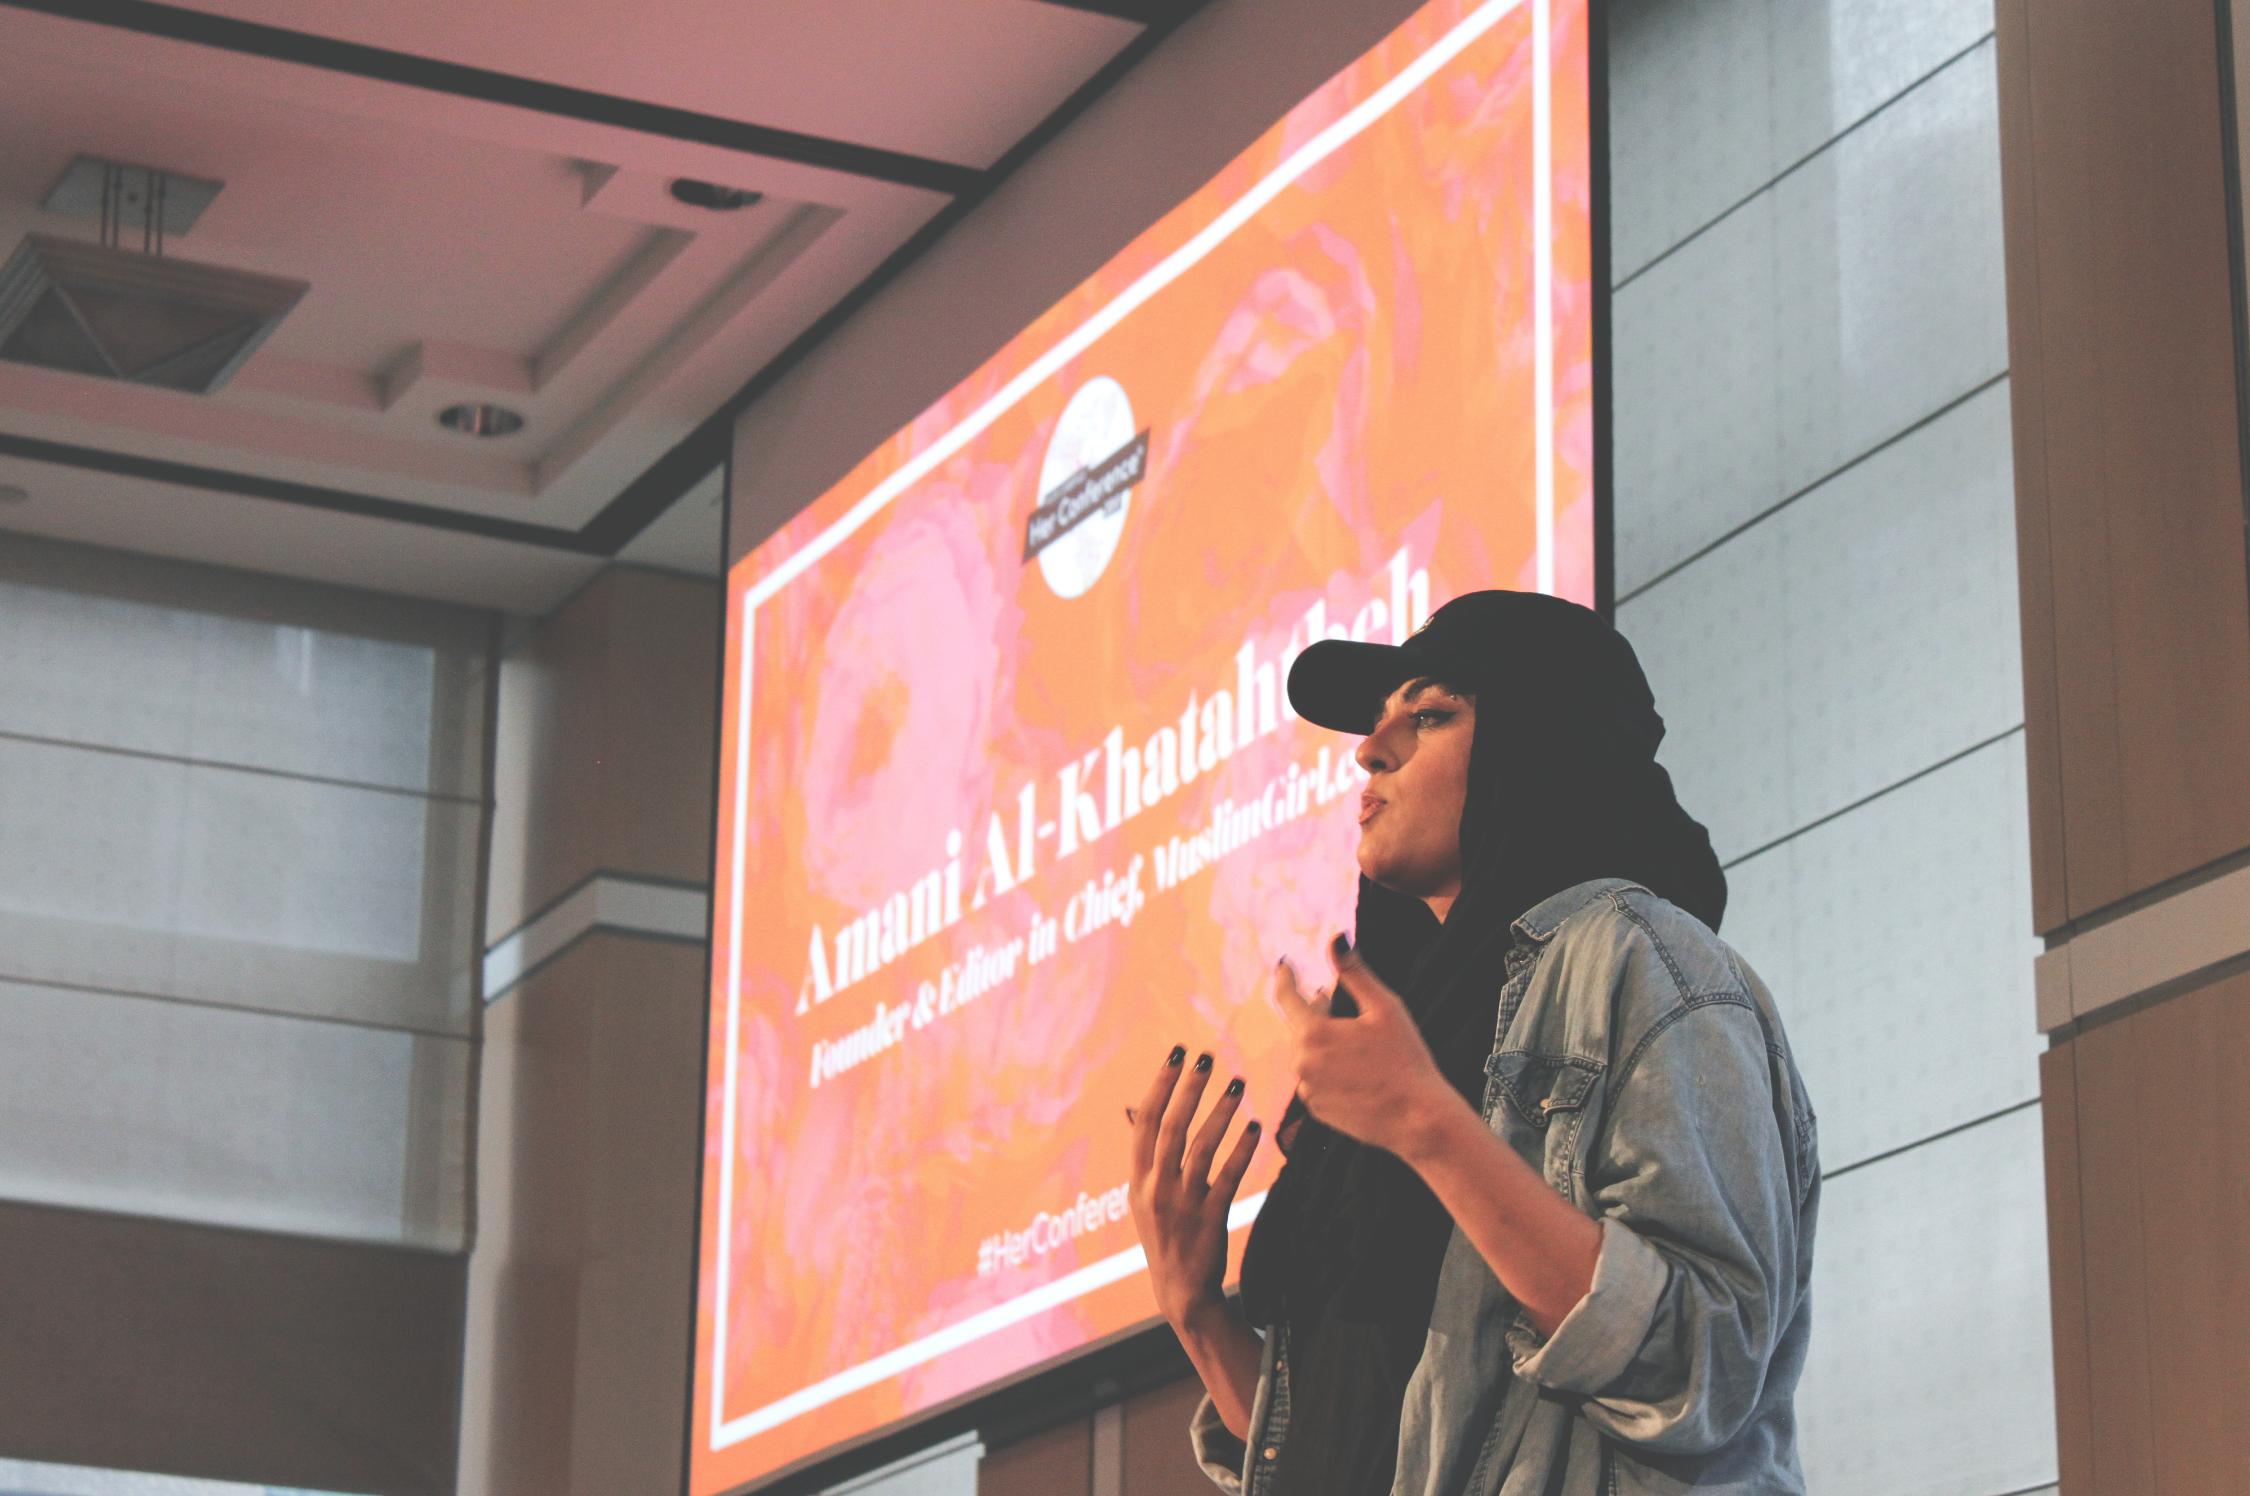 her conference 2017 speaker signage